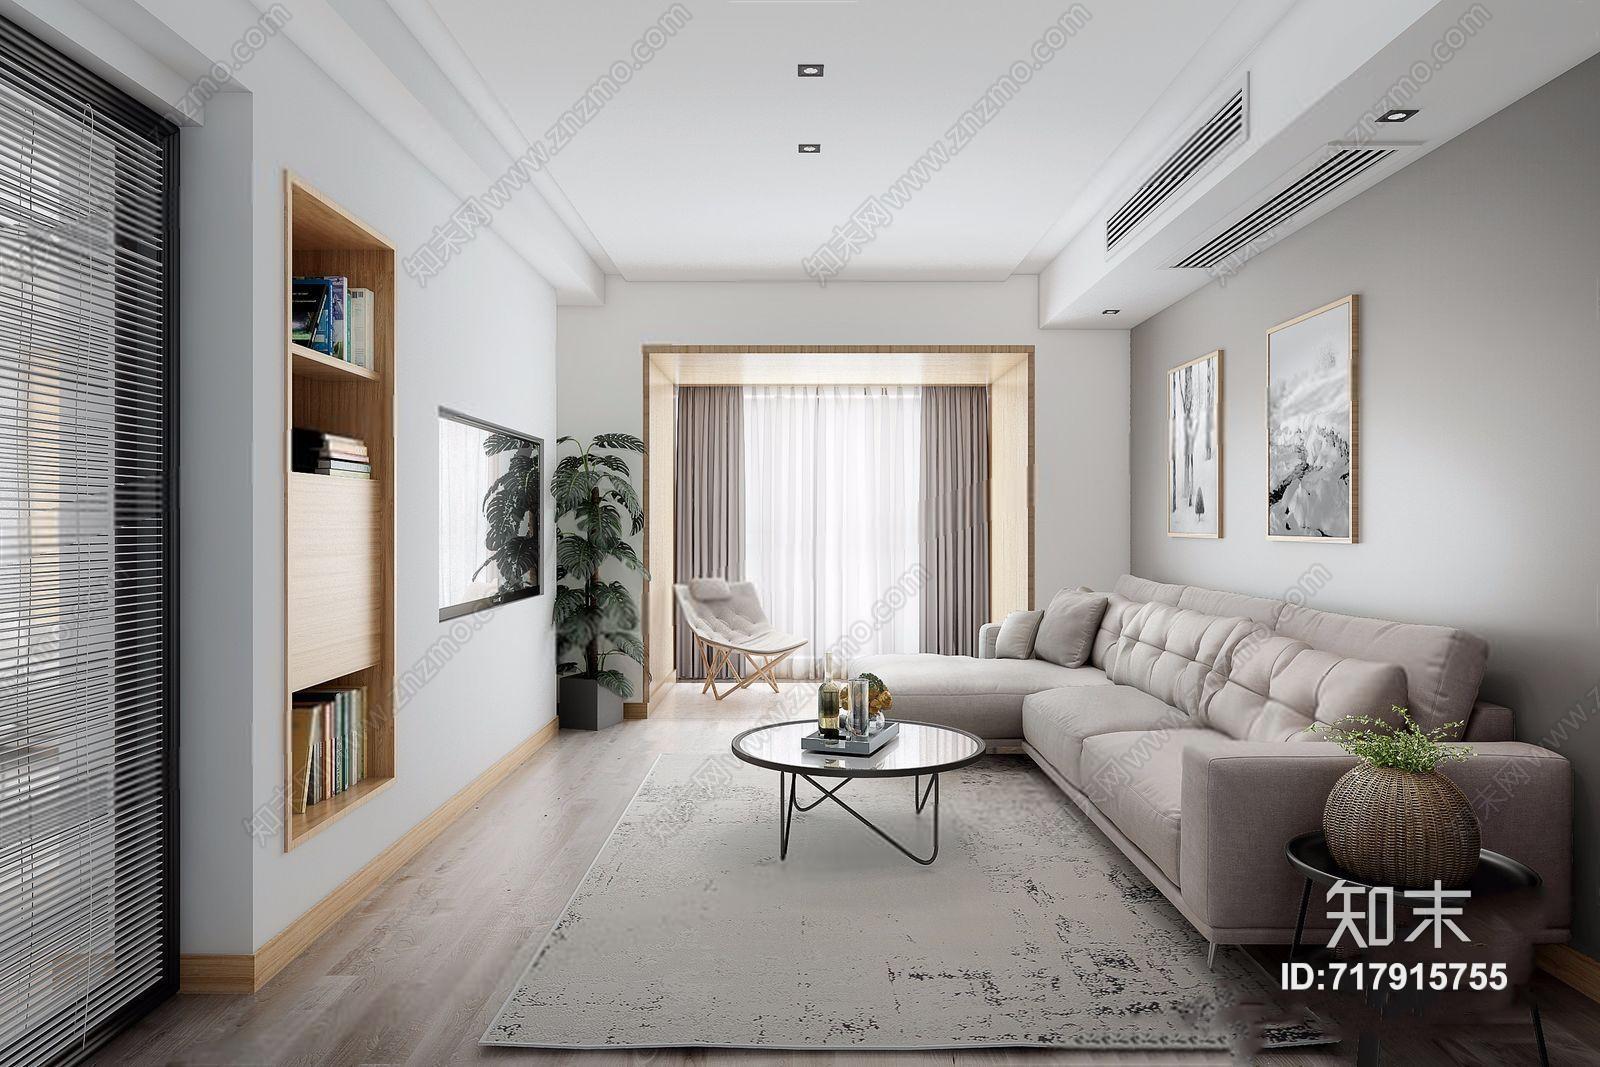 现代客厅 现代客厅 多人沙发 圆茶几 电视背景墙 绿植 休闲椅 挂画